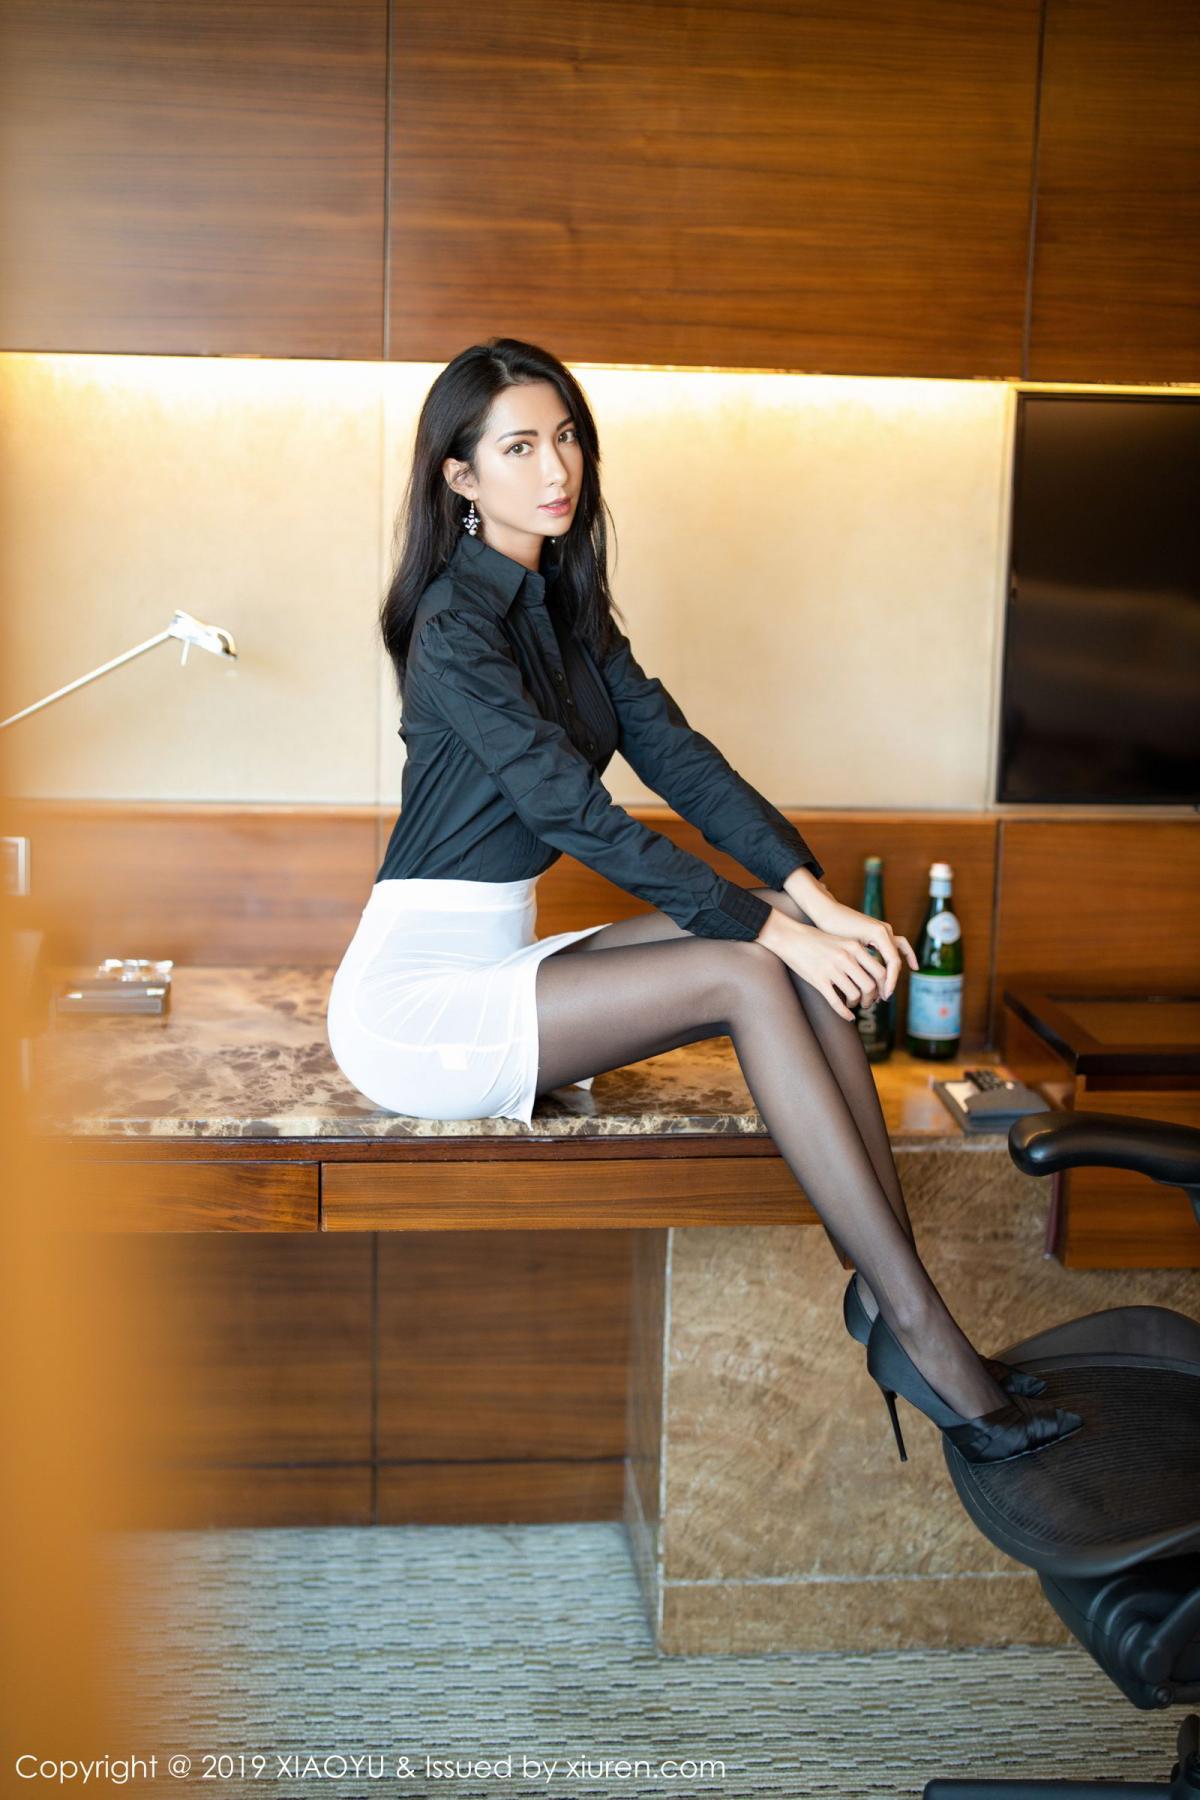 [XiaoYu] Vol.202 Chen Liang Ling 11P, Black Silk, Chen Liang Ling, Tall, Temperament, Underwear, XiaoYu